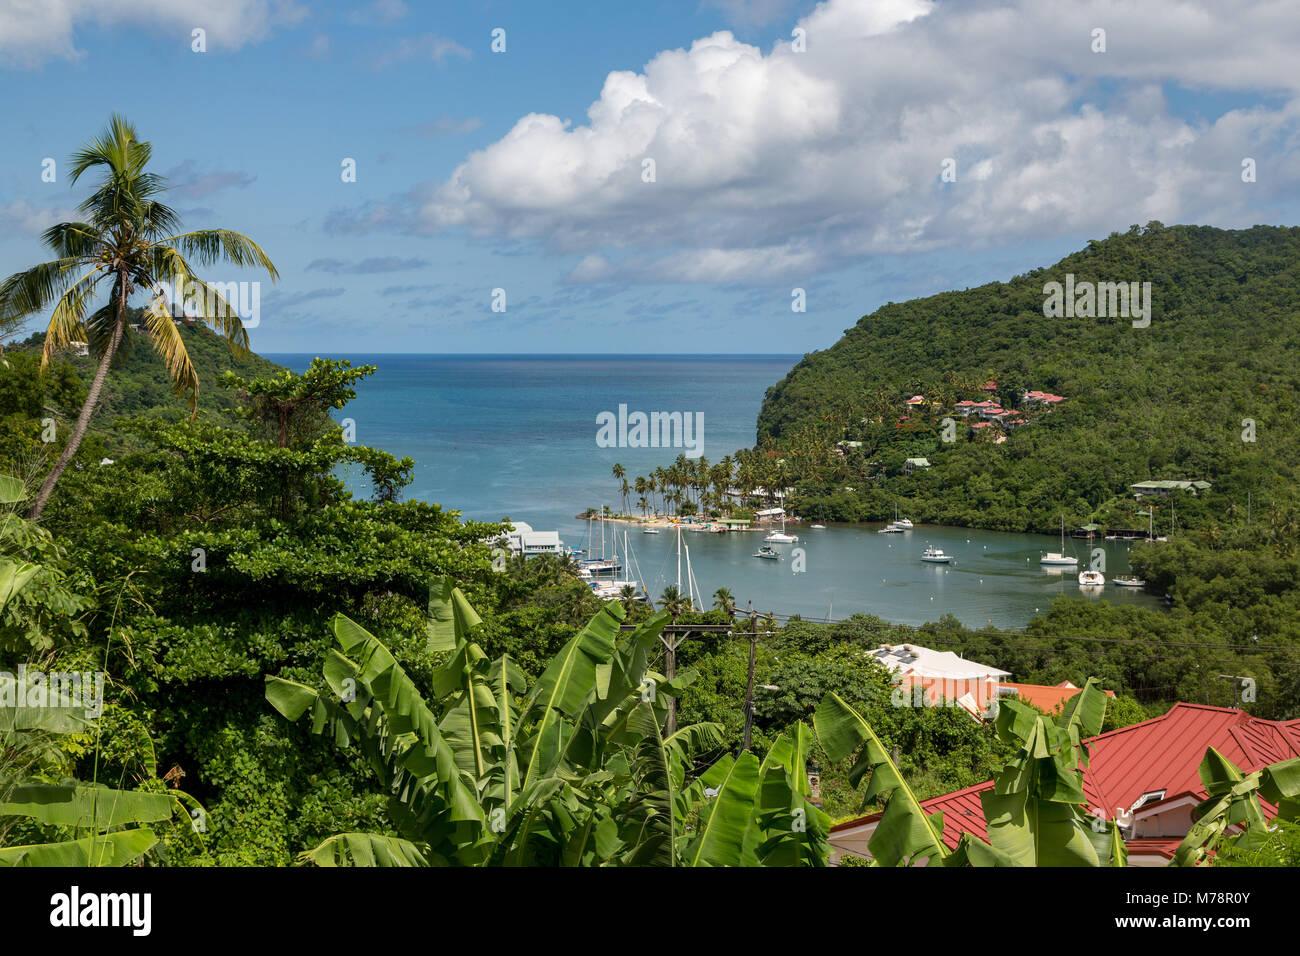 Il tropicale e molto riparato Marigot Bay, Santa Lucia, isole Windward, West Indies dei Caraibi e America centrale Immagini Stock